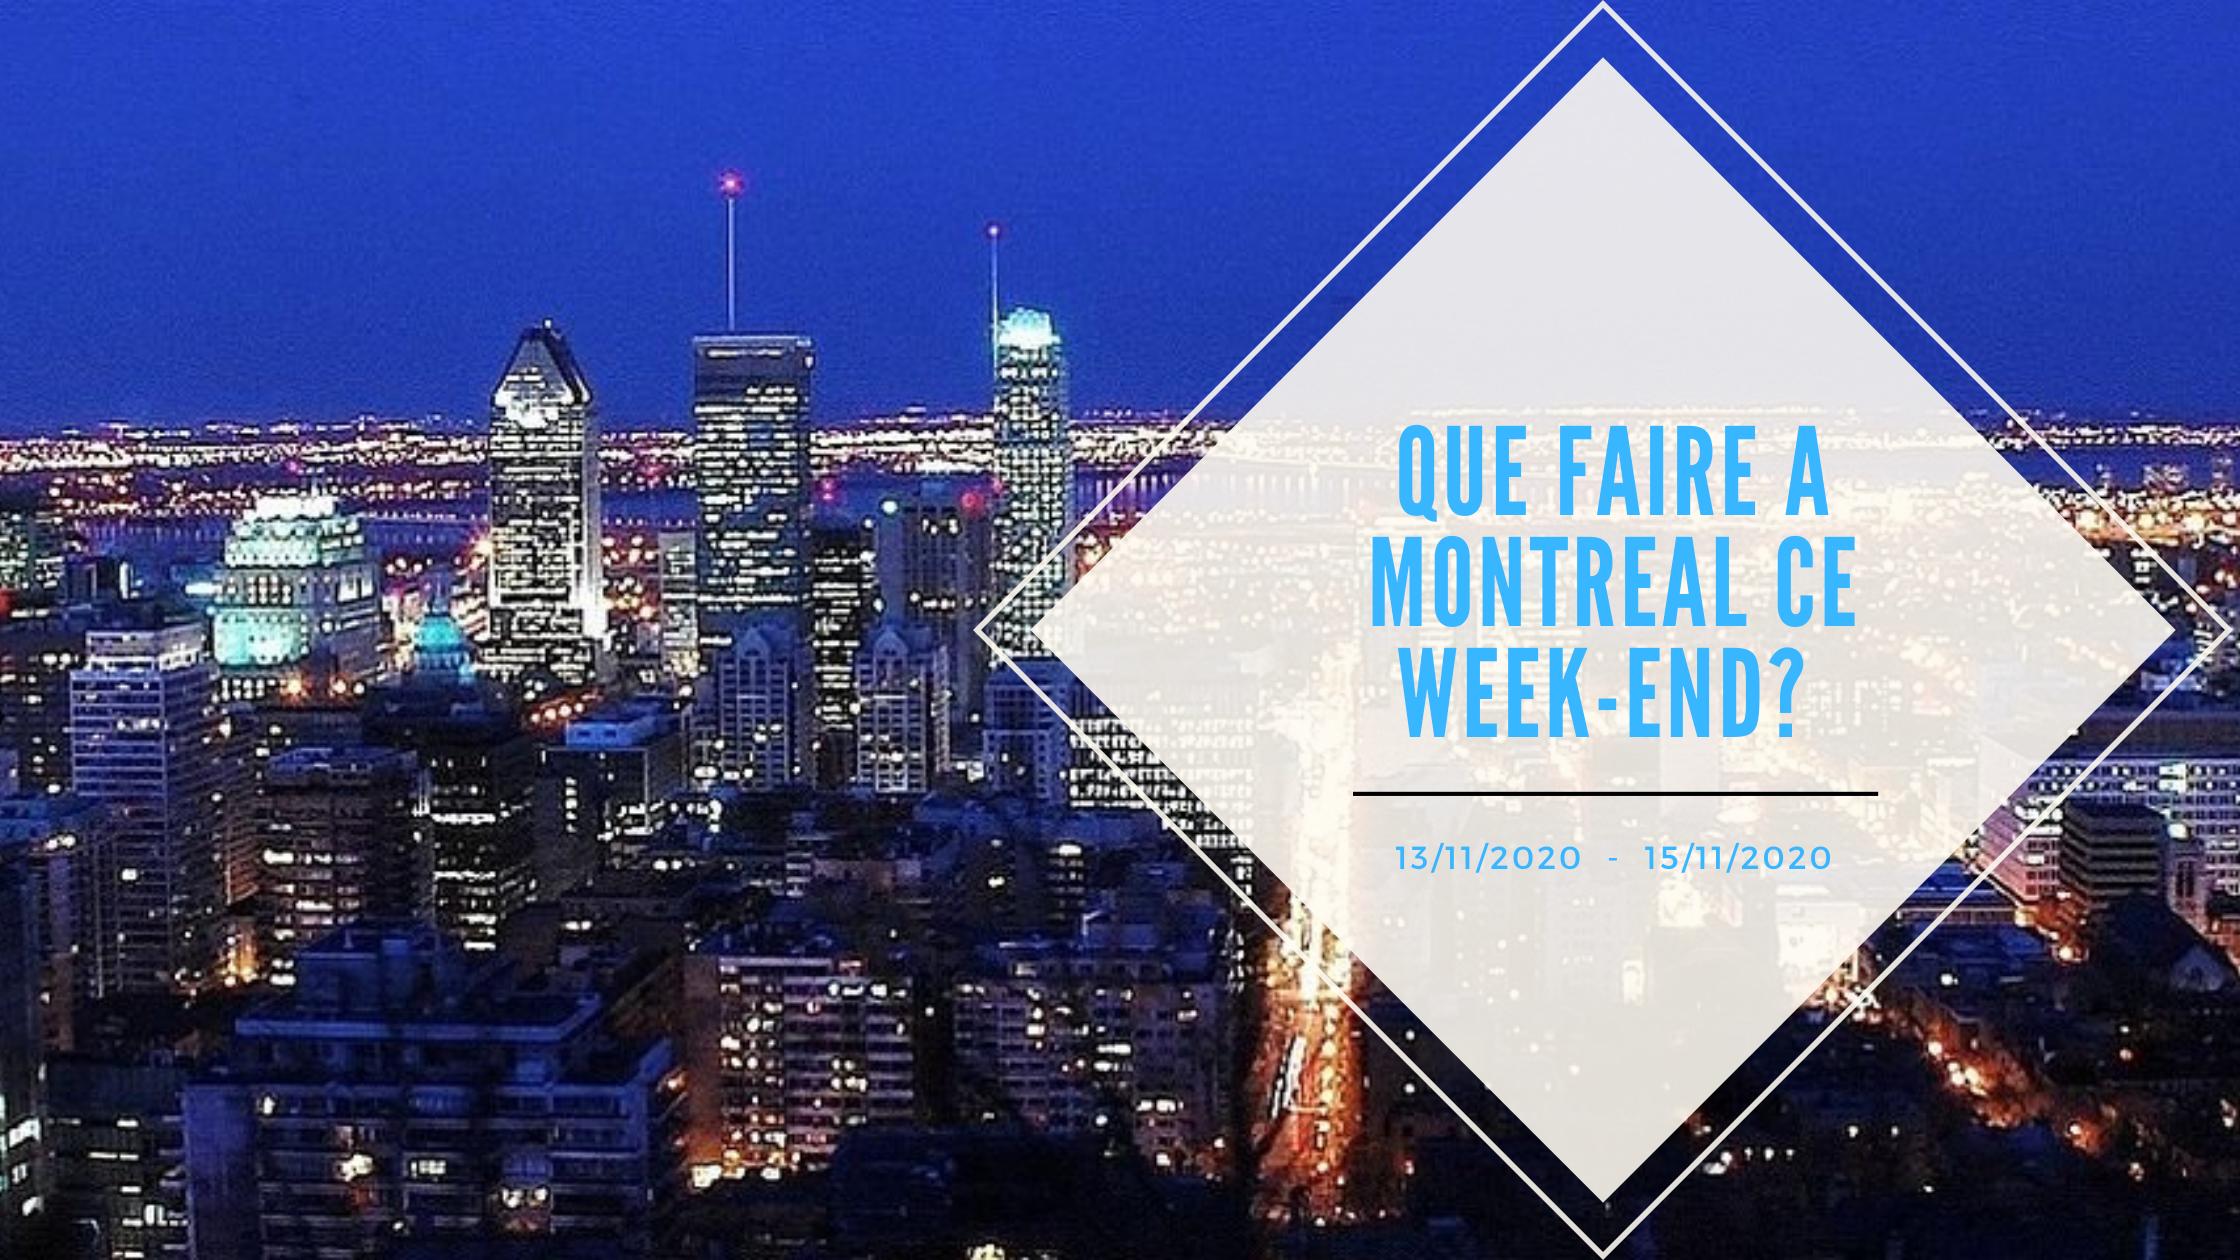 Que faire ce week-end à Montréal en ces 13, 14 et 15 novembre ?